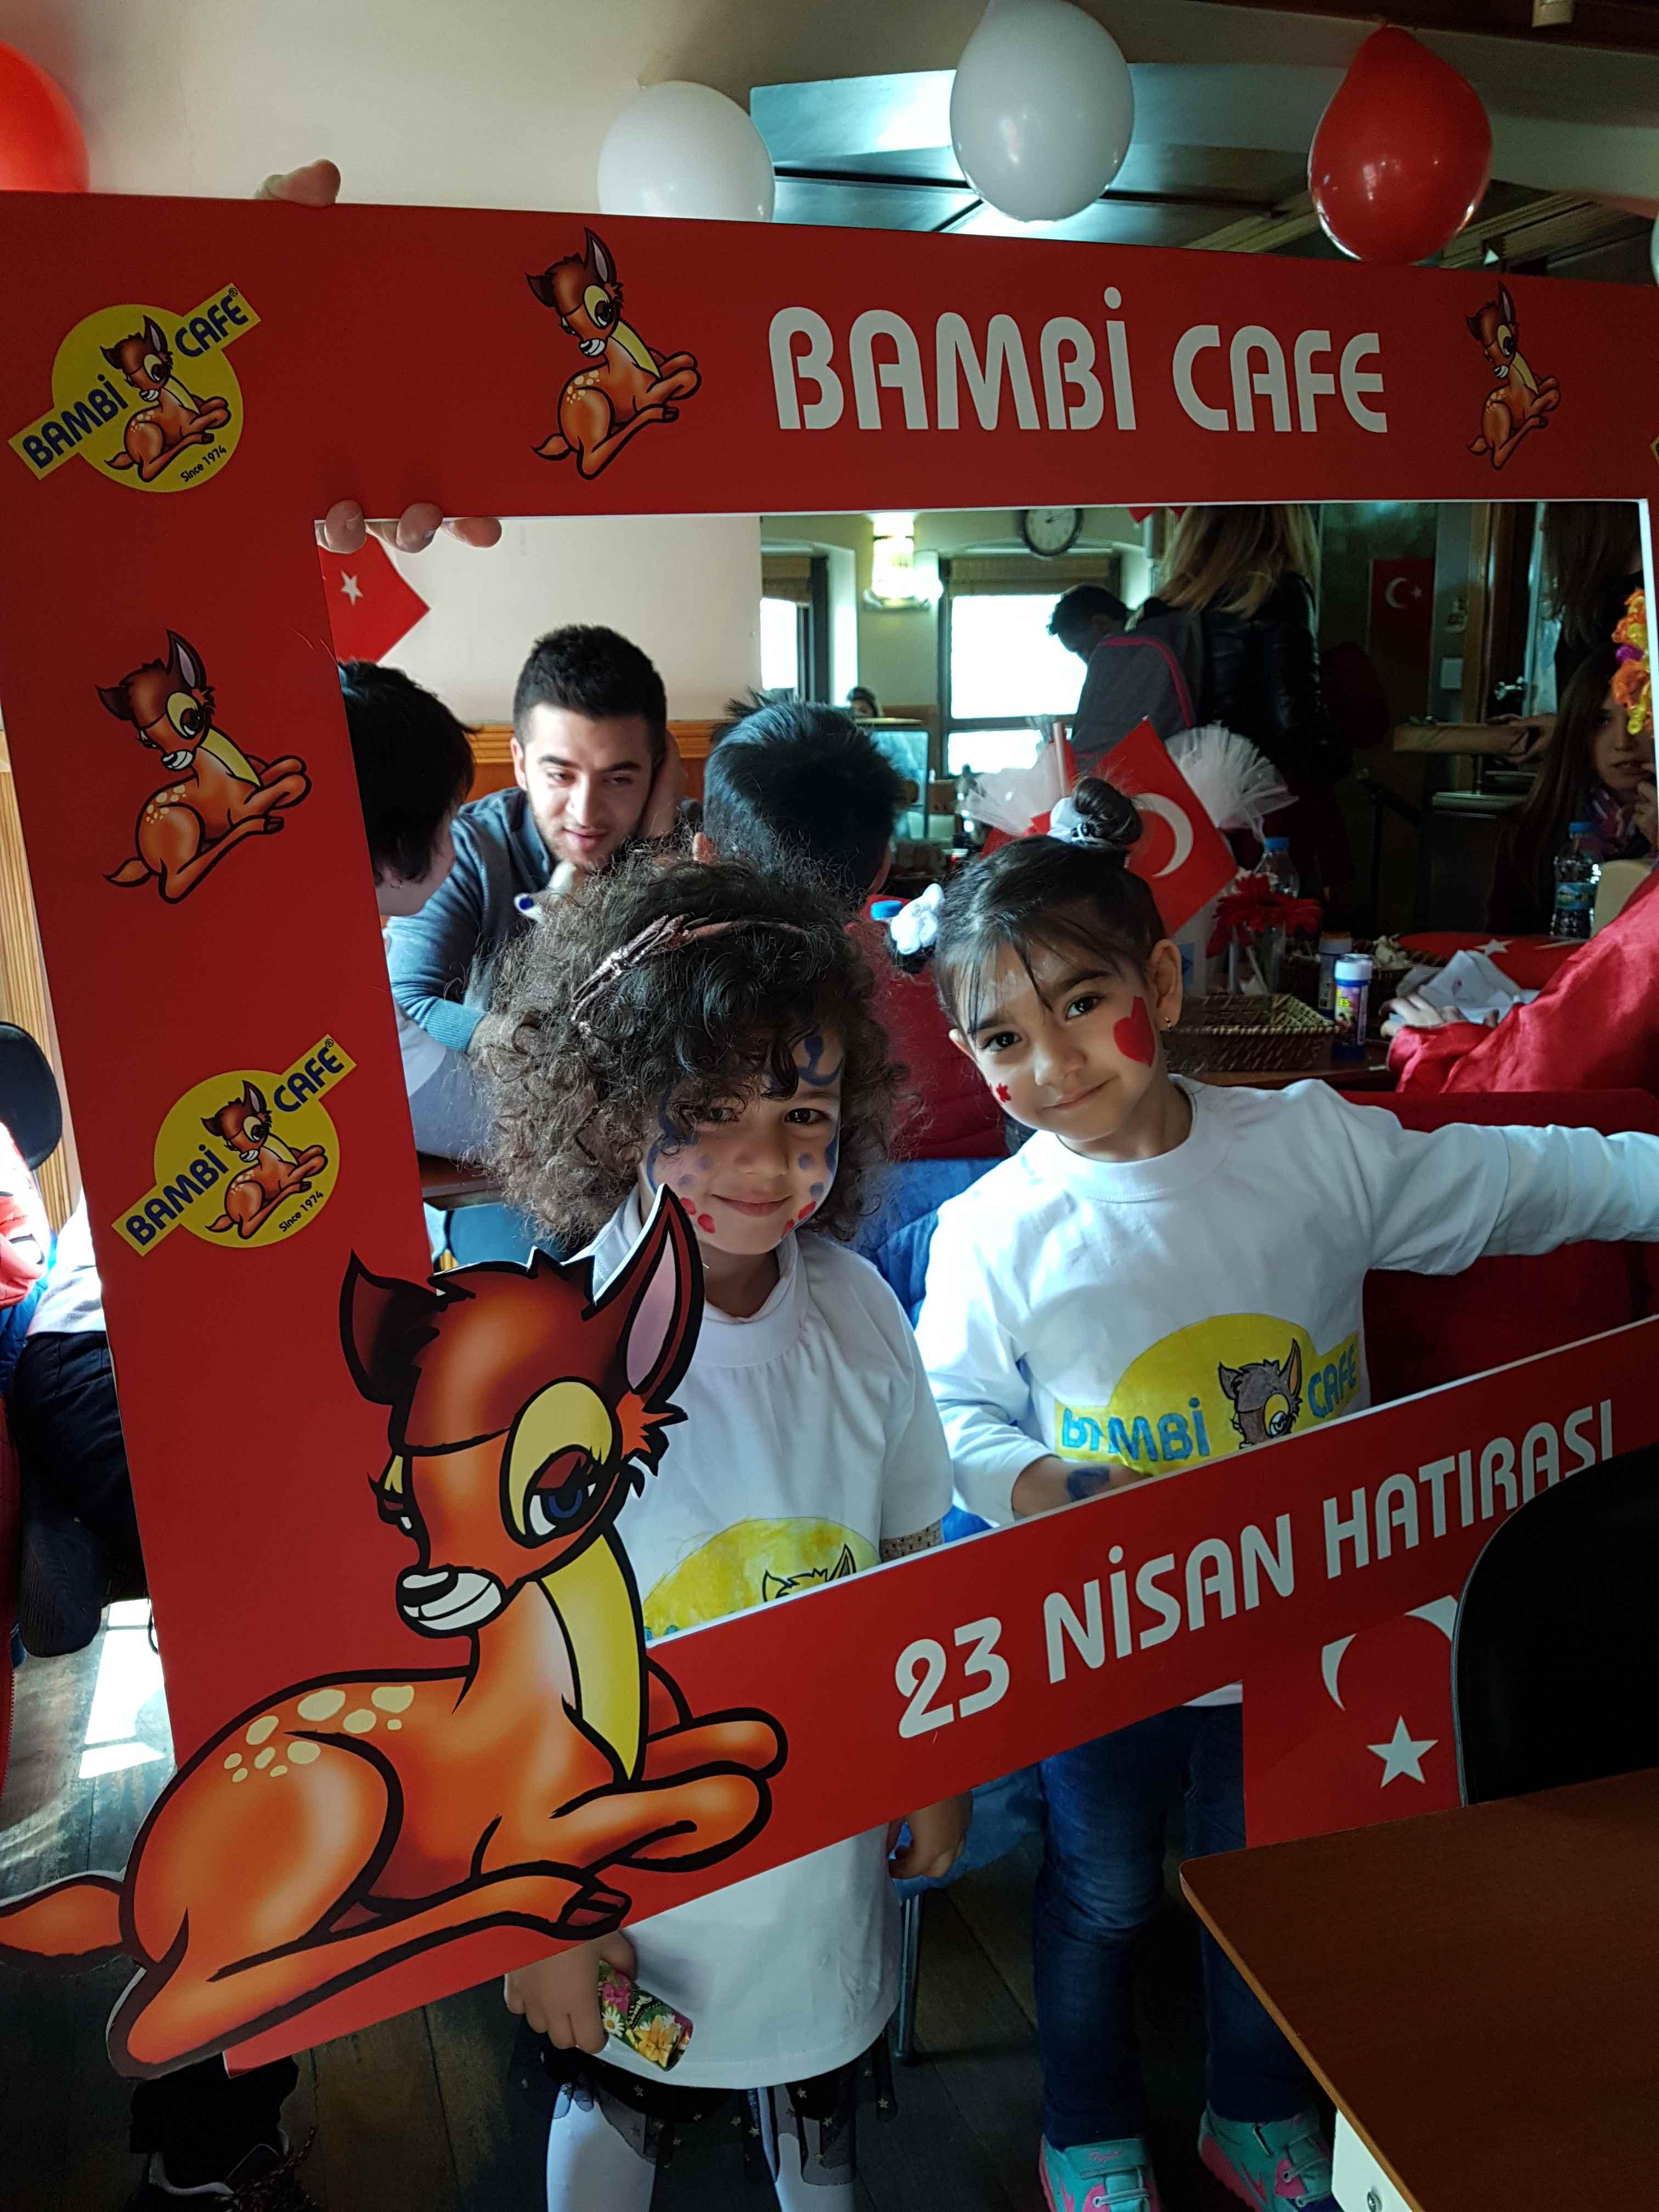 yesempatik-bambi-cafe-23nisan-kadikoy-cocuklar-eglence